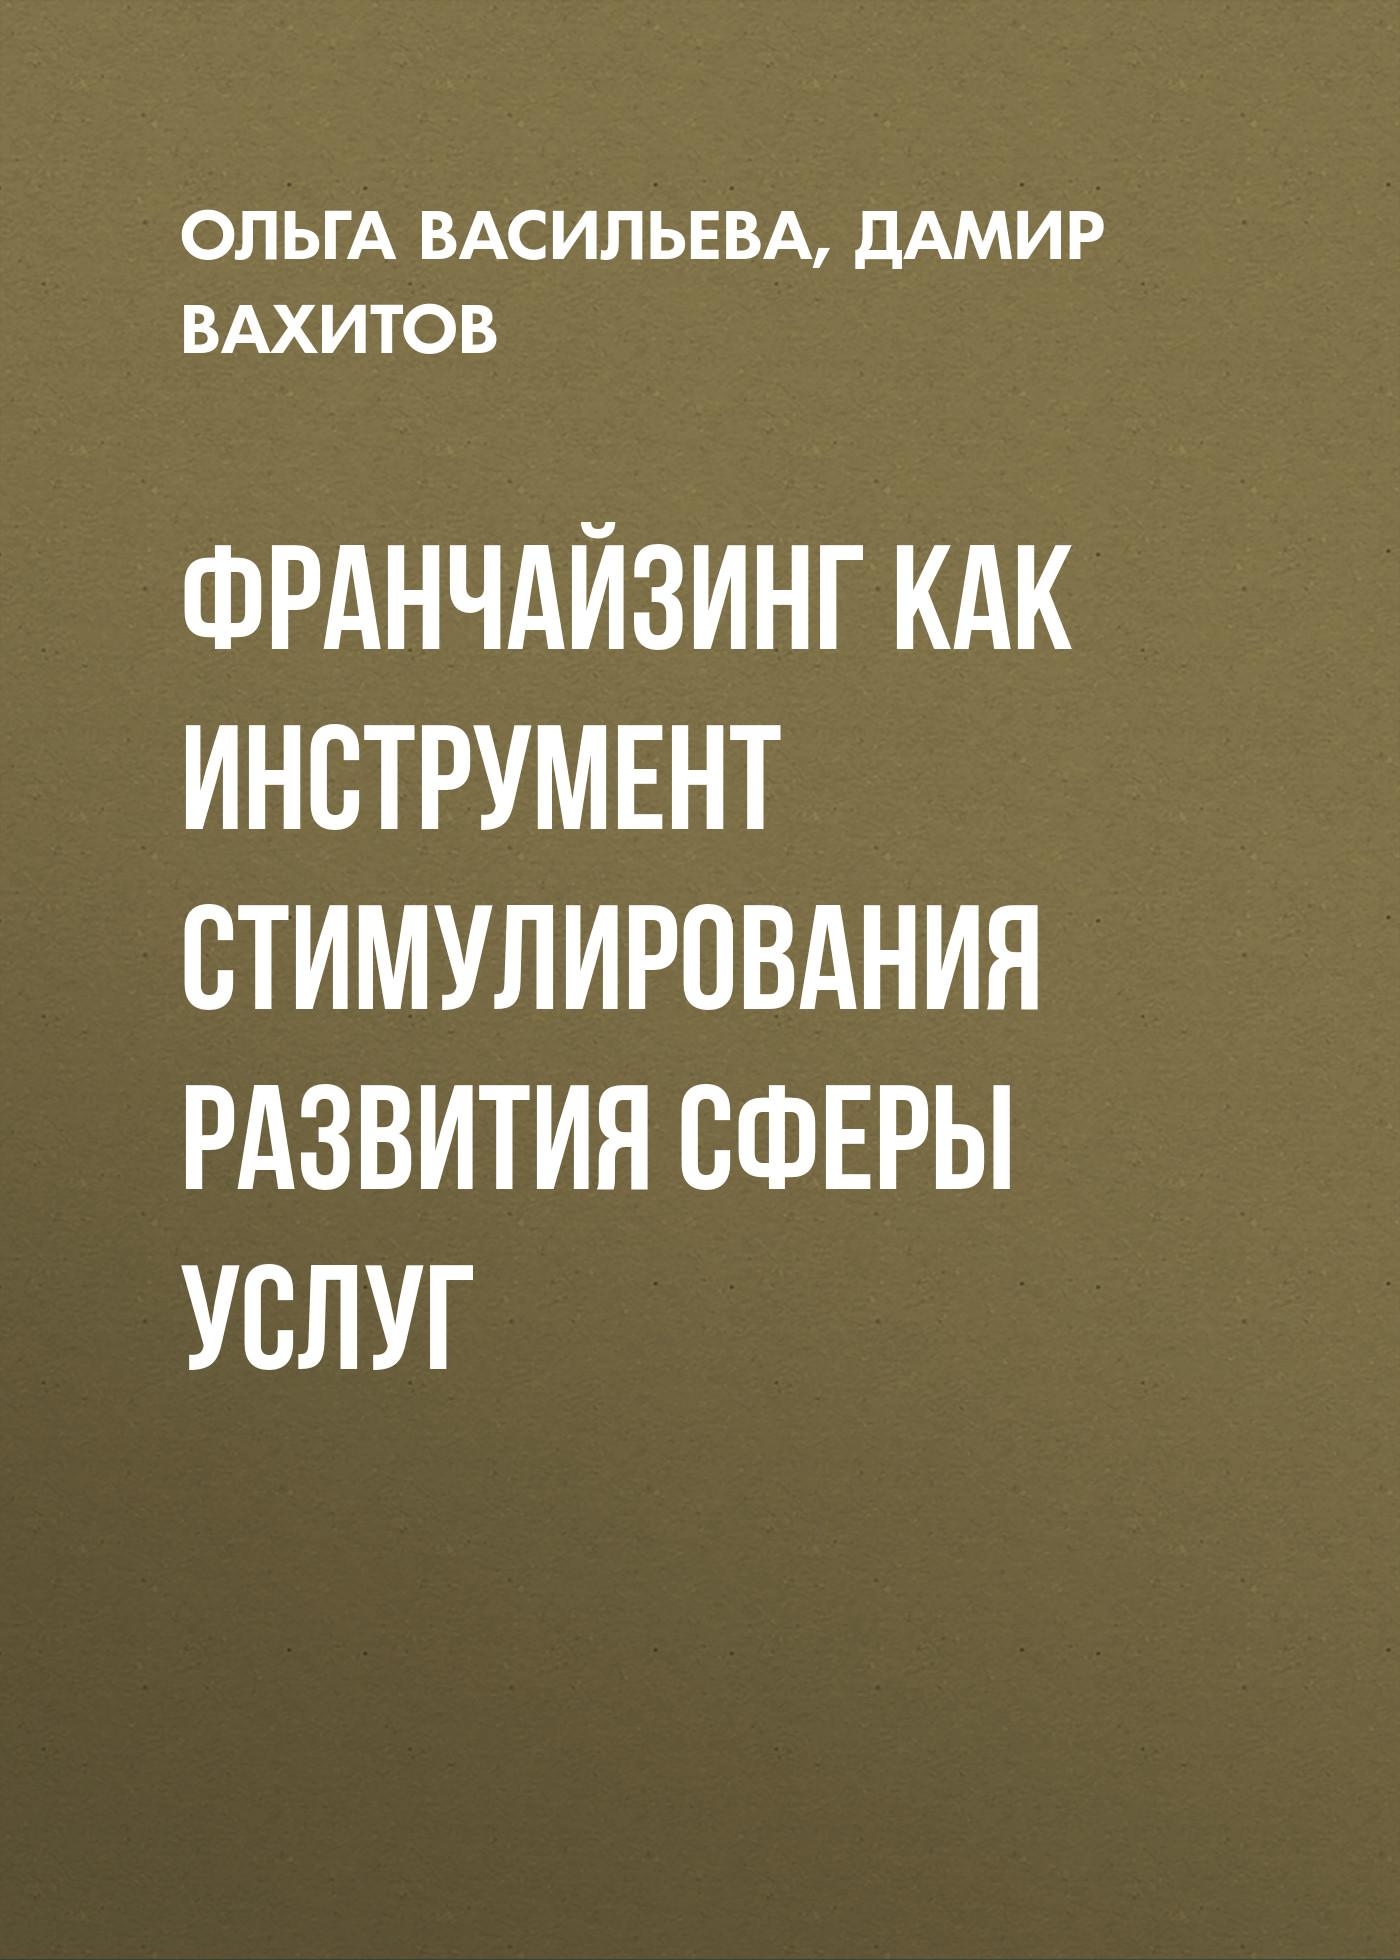 Д. Р. Вахитов Франчайзинг как инструмент стимулирования развития сферы услуг